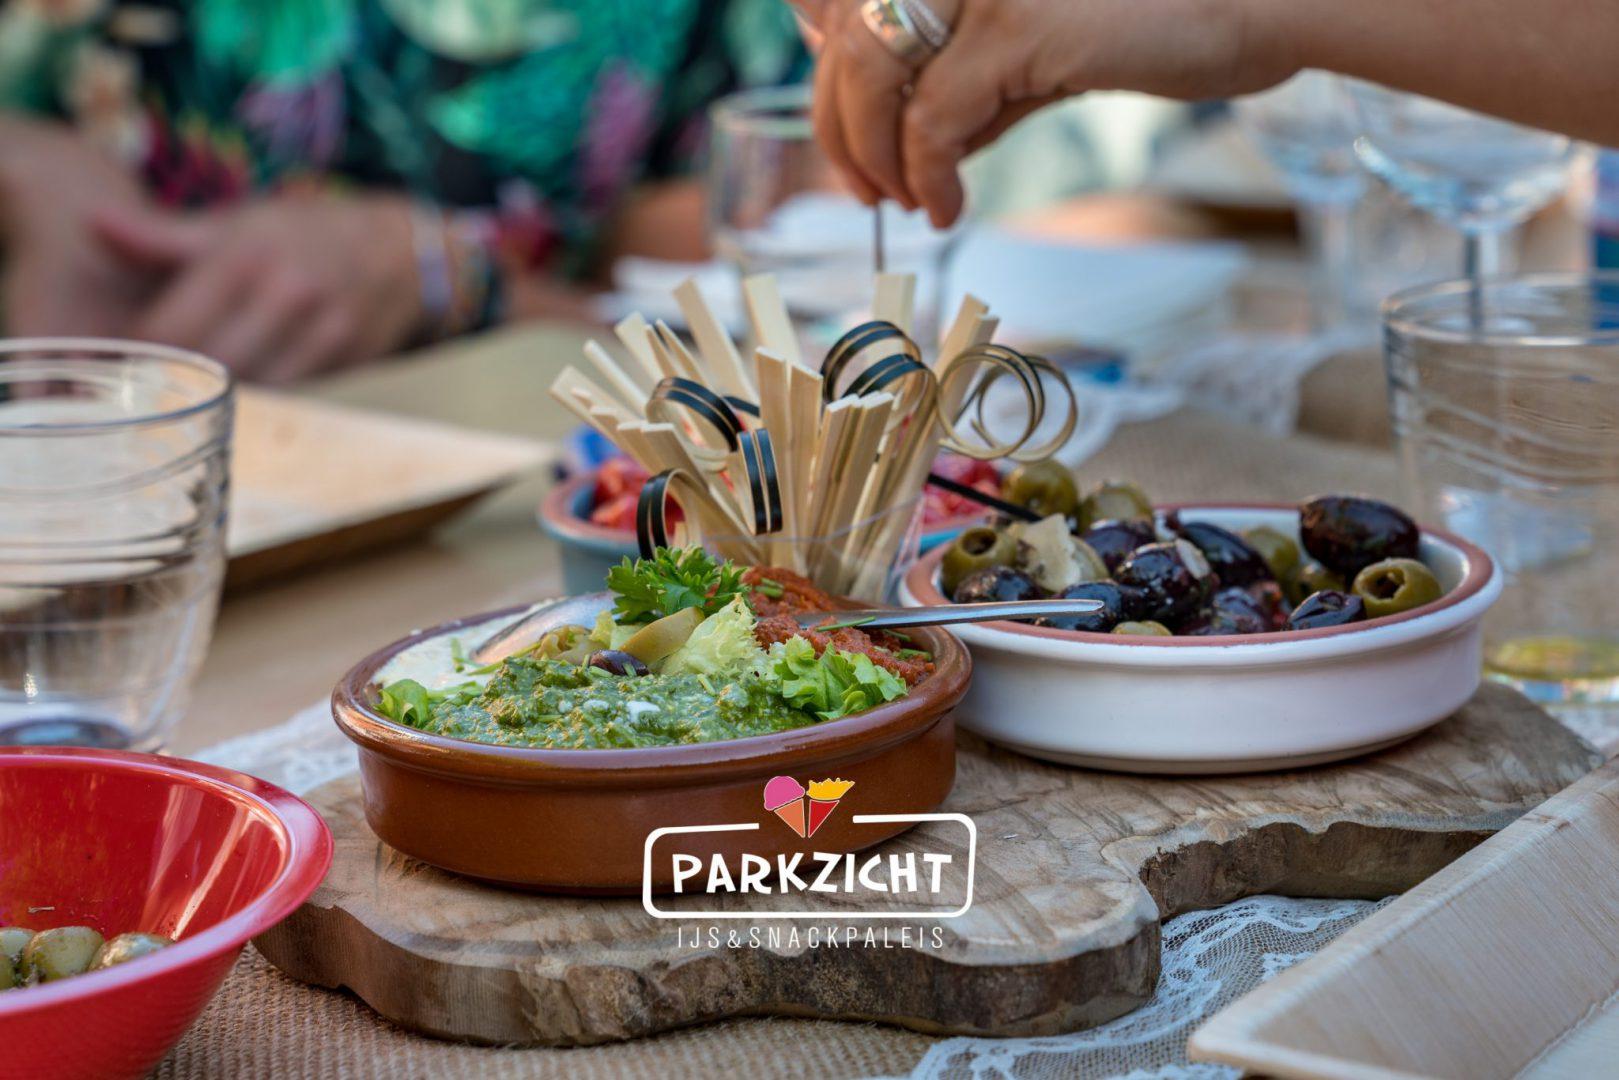 Ijs & Snackpaleis Parkzicht te Sassenheim doet ook aan catering! Yum yum!